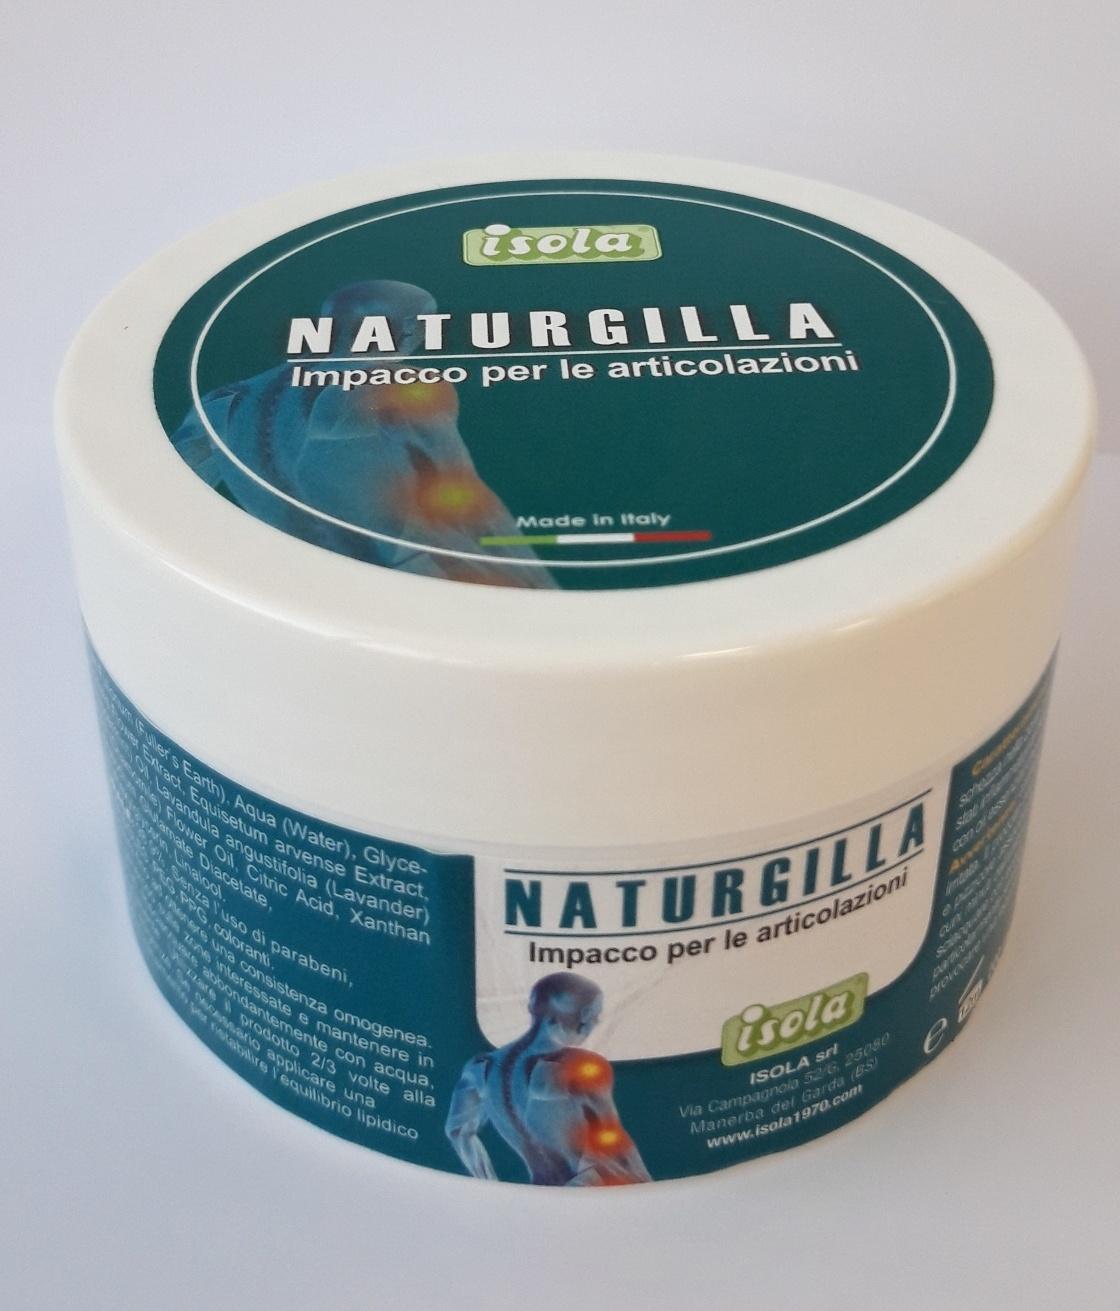 Naturgilla Impacco per le articolazioni